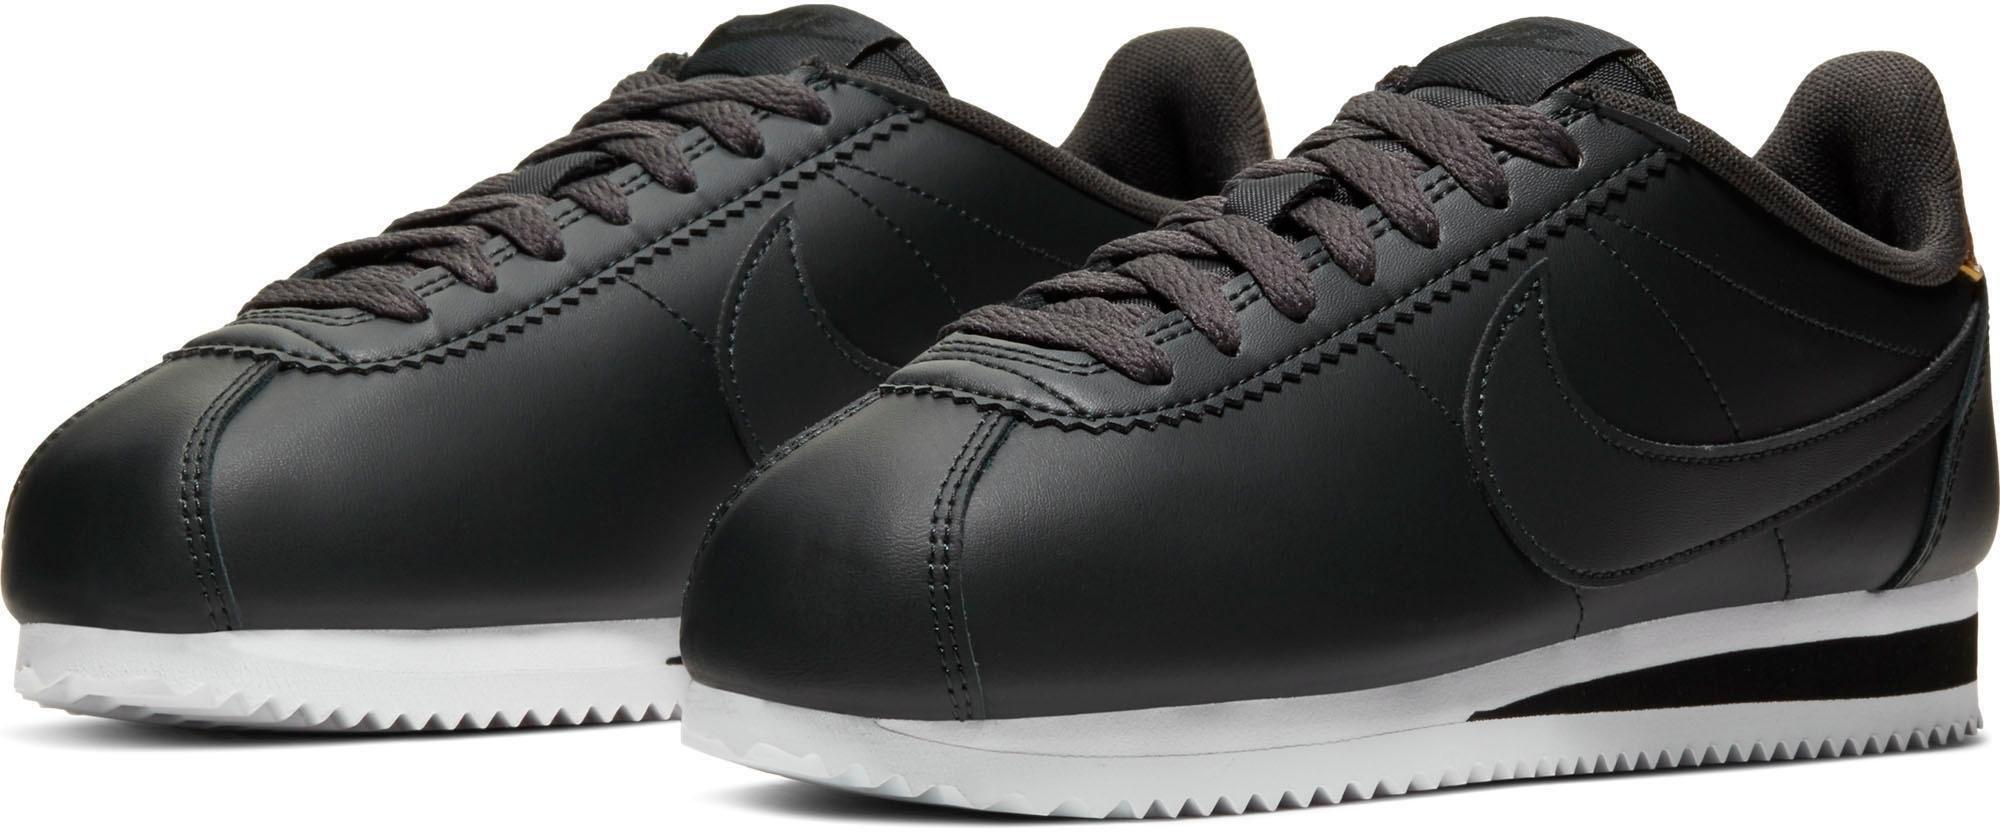 Nike Sportswear sneakers »Wmns Classic Cortez Leather« bestellen: 14 dagen bedenktijd